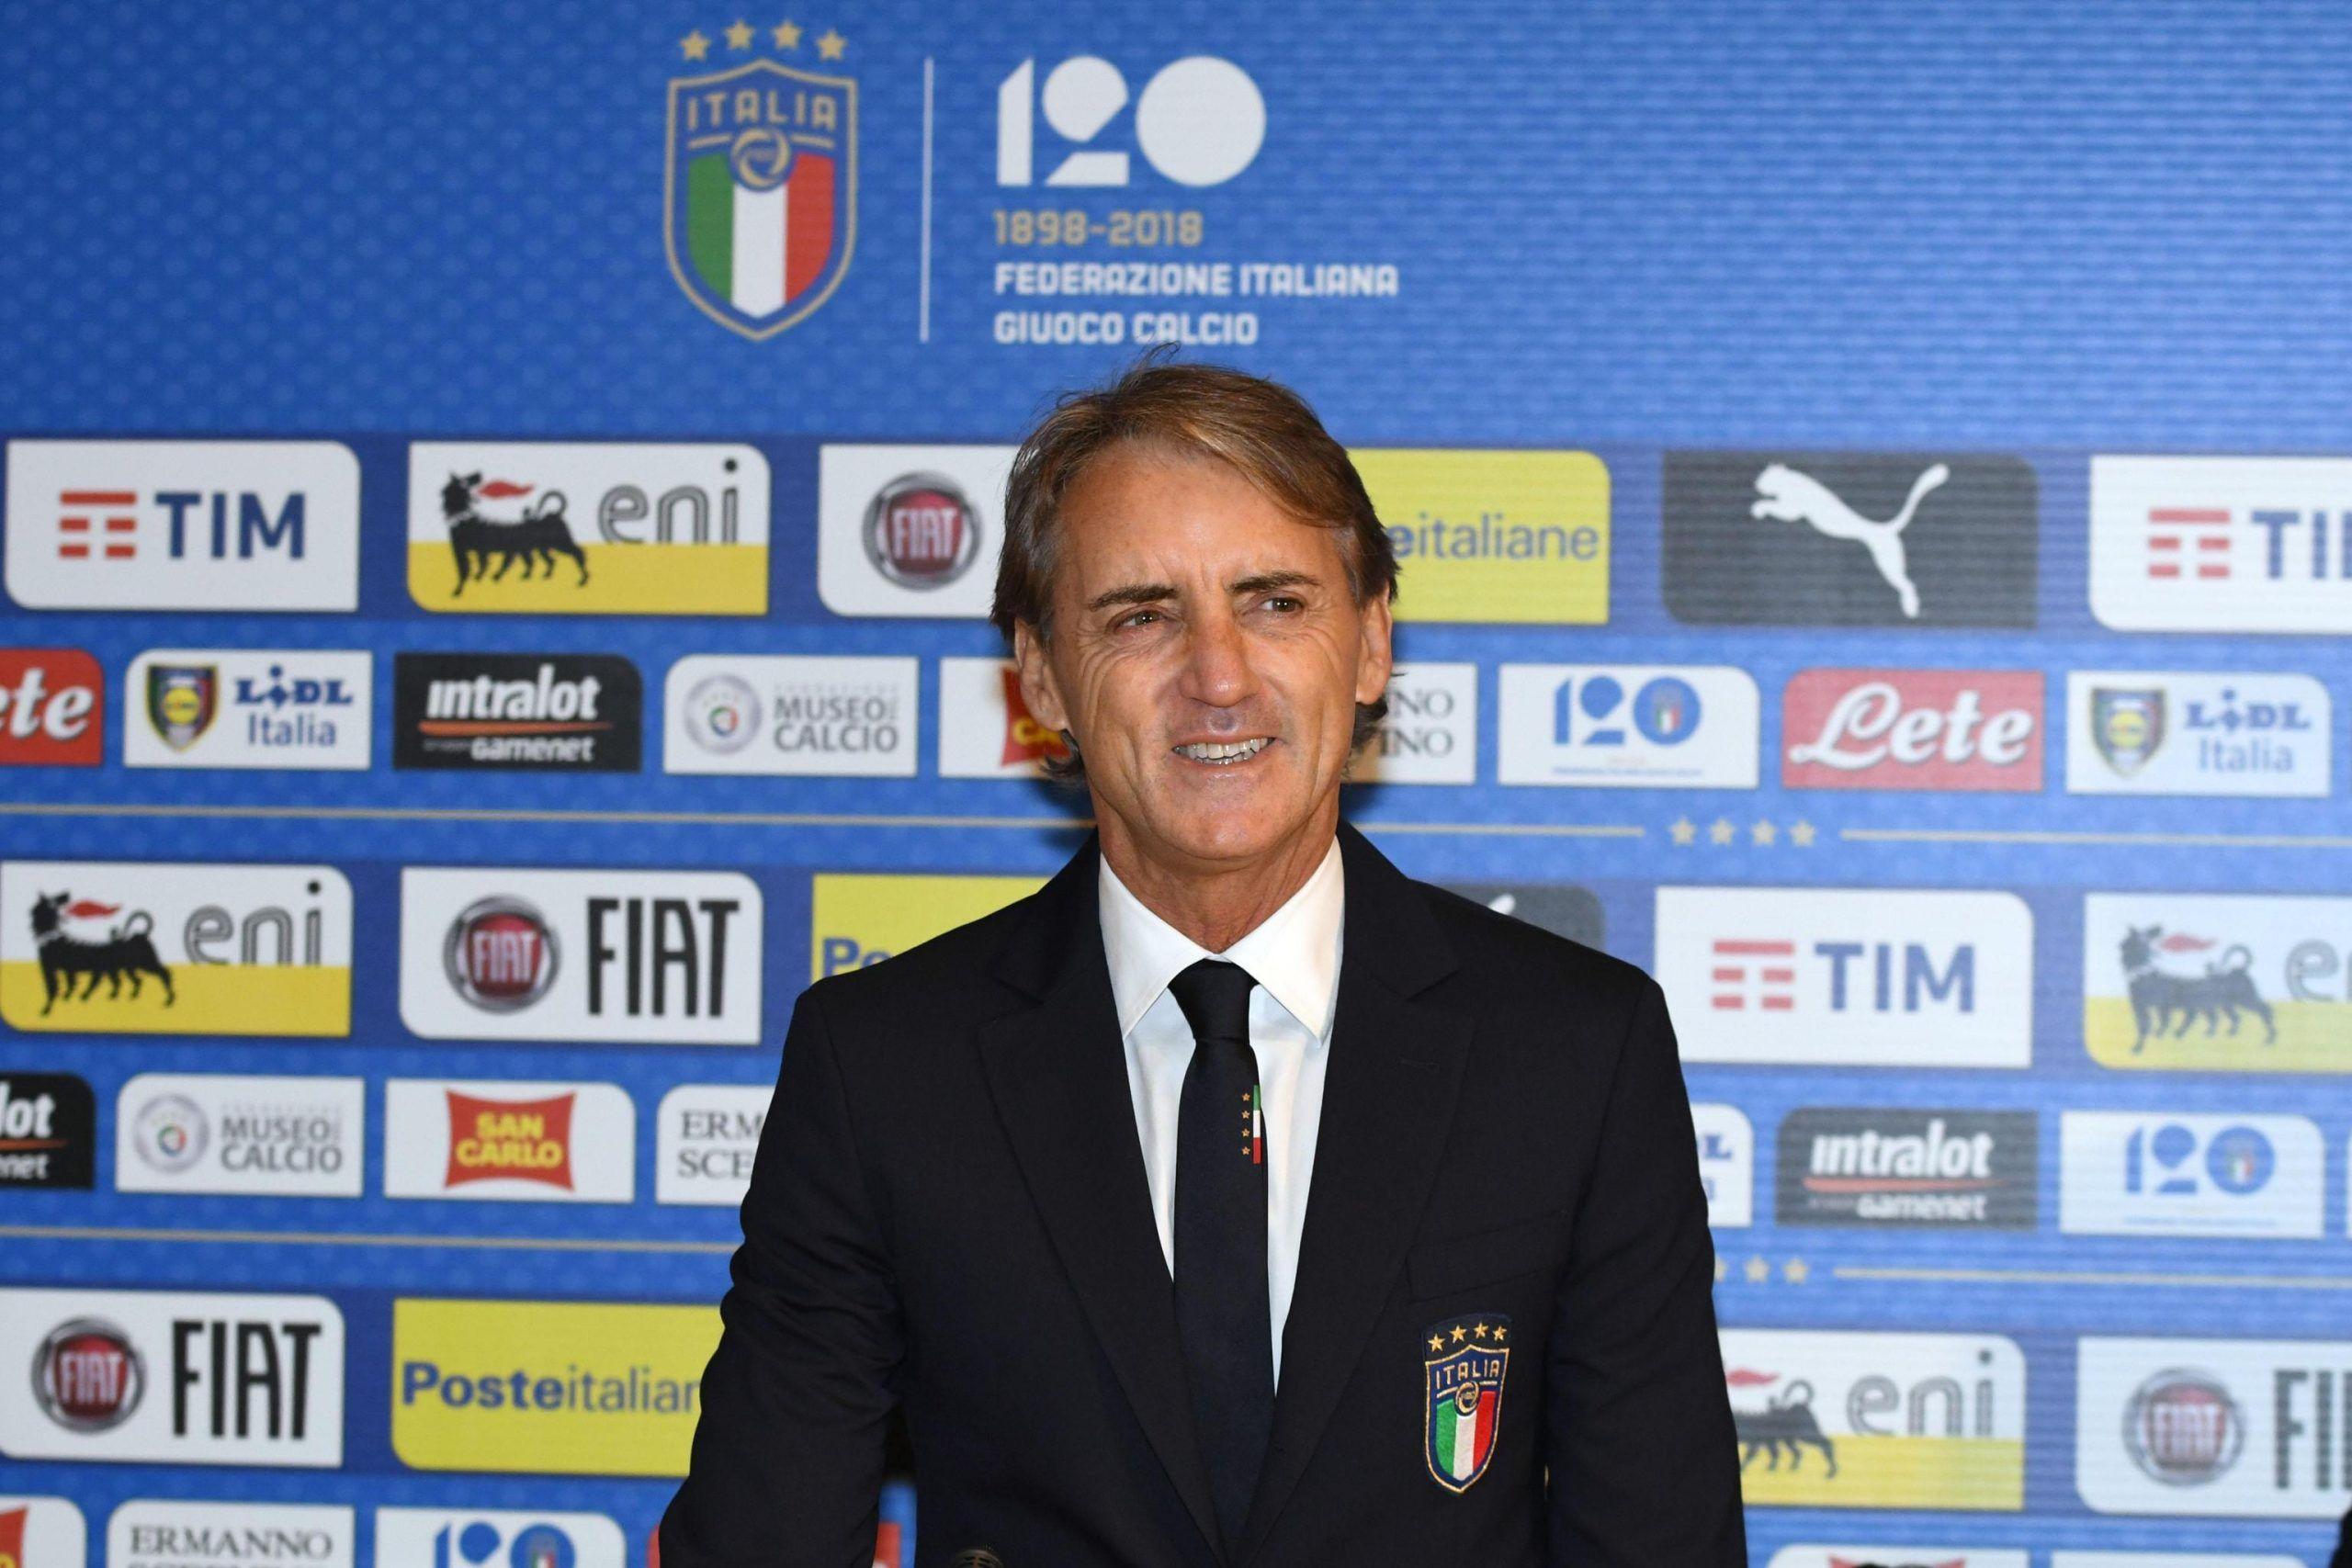 Mancini nuovo allenatore della Nazionale: le prime parole da CT